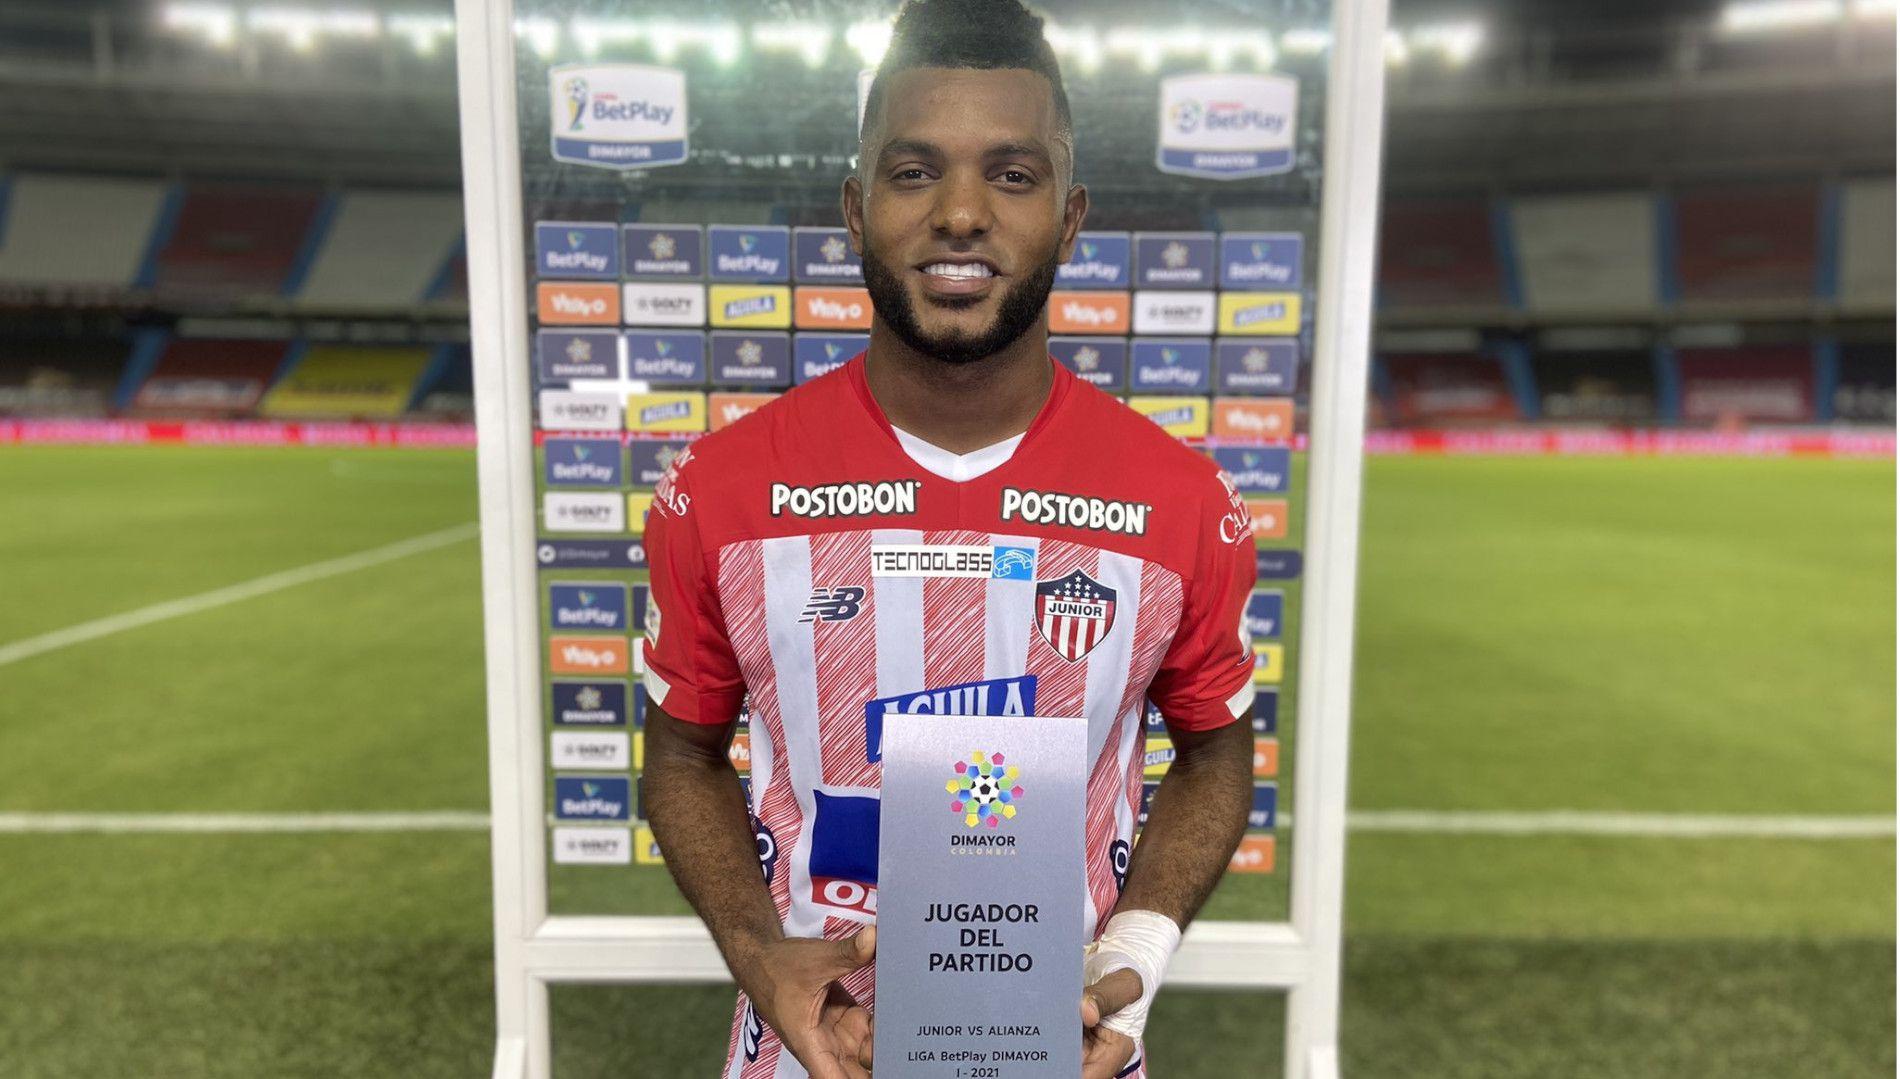 Miguel Borja, que anotó en el minuto 72, fue el jugador del partido entre Junior y Alianza Petrolera. Foto: Tomada de la cuenta de Twitter de Junior.